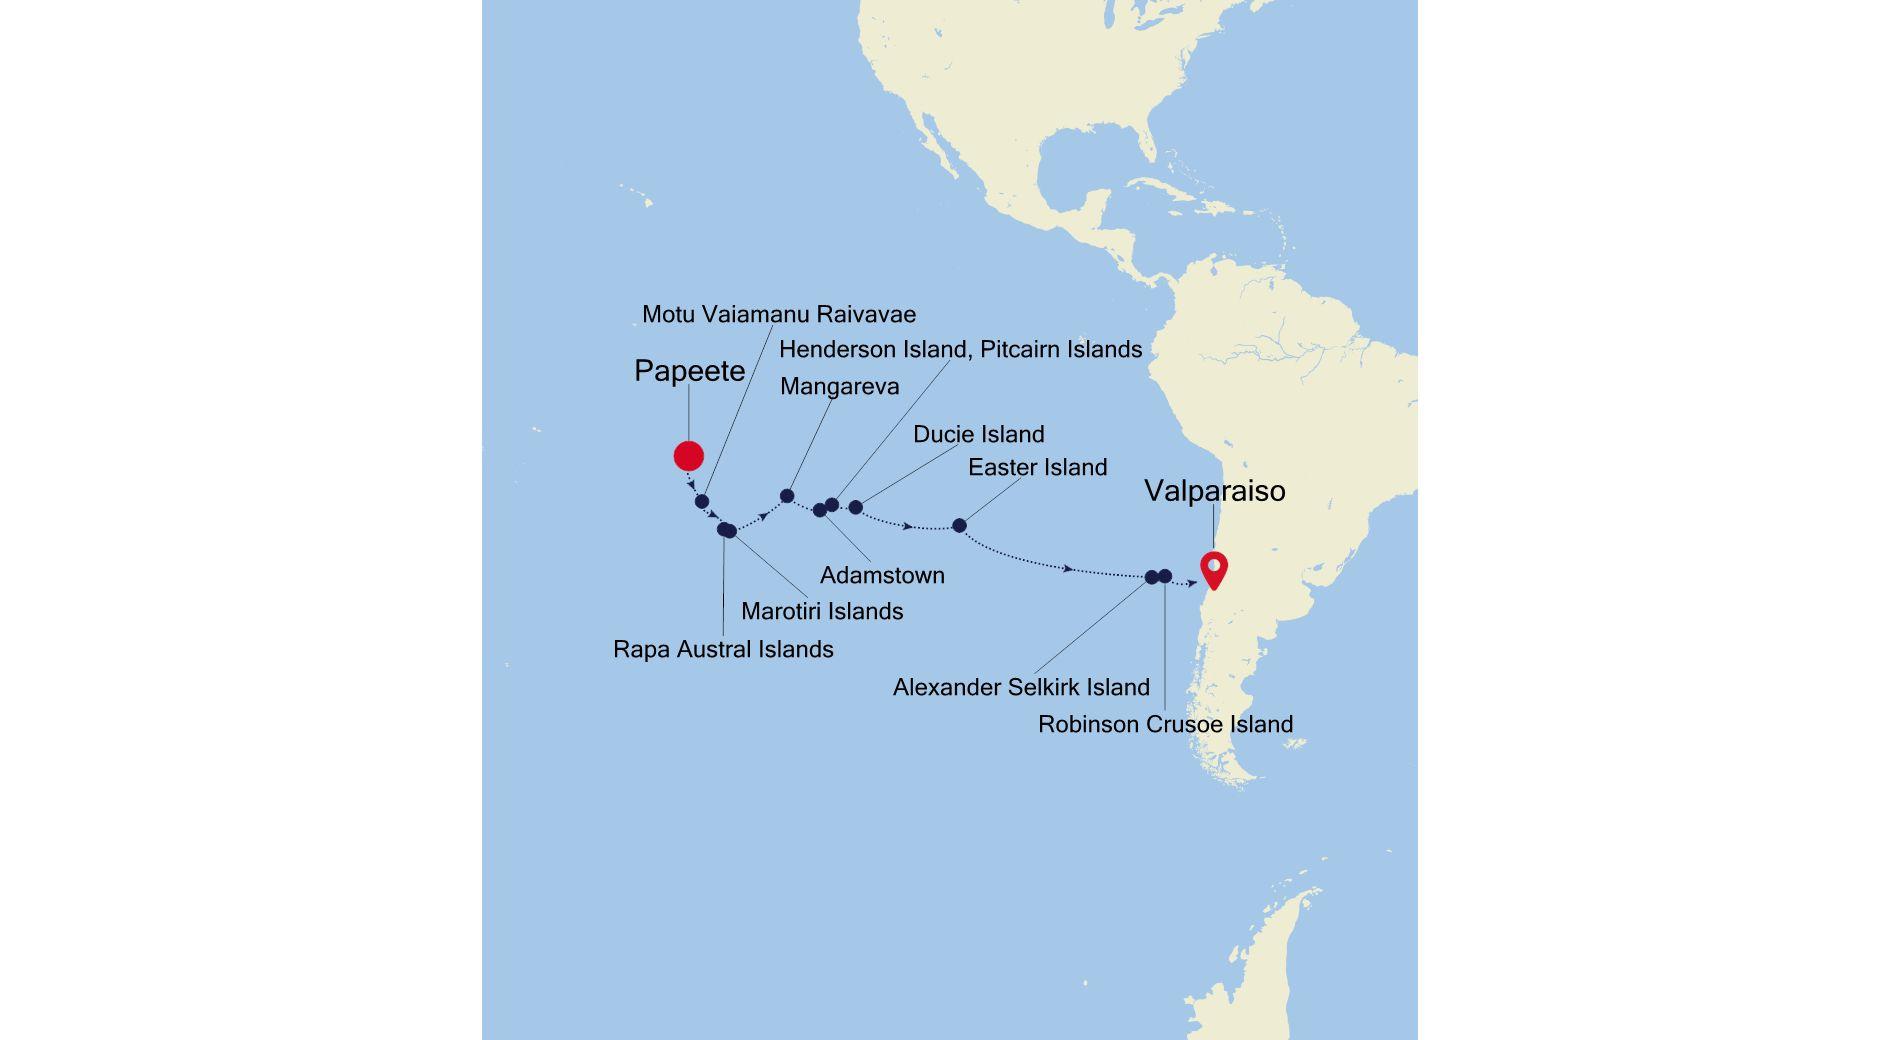 E1211007022 - Papeete to Valparaiso